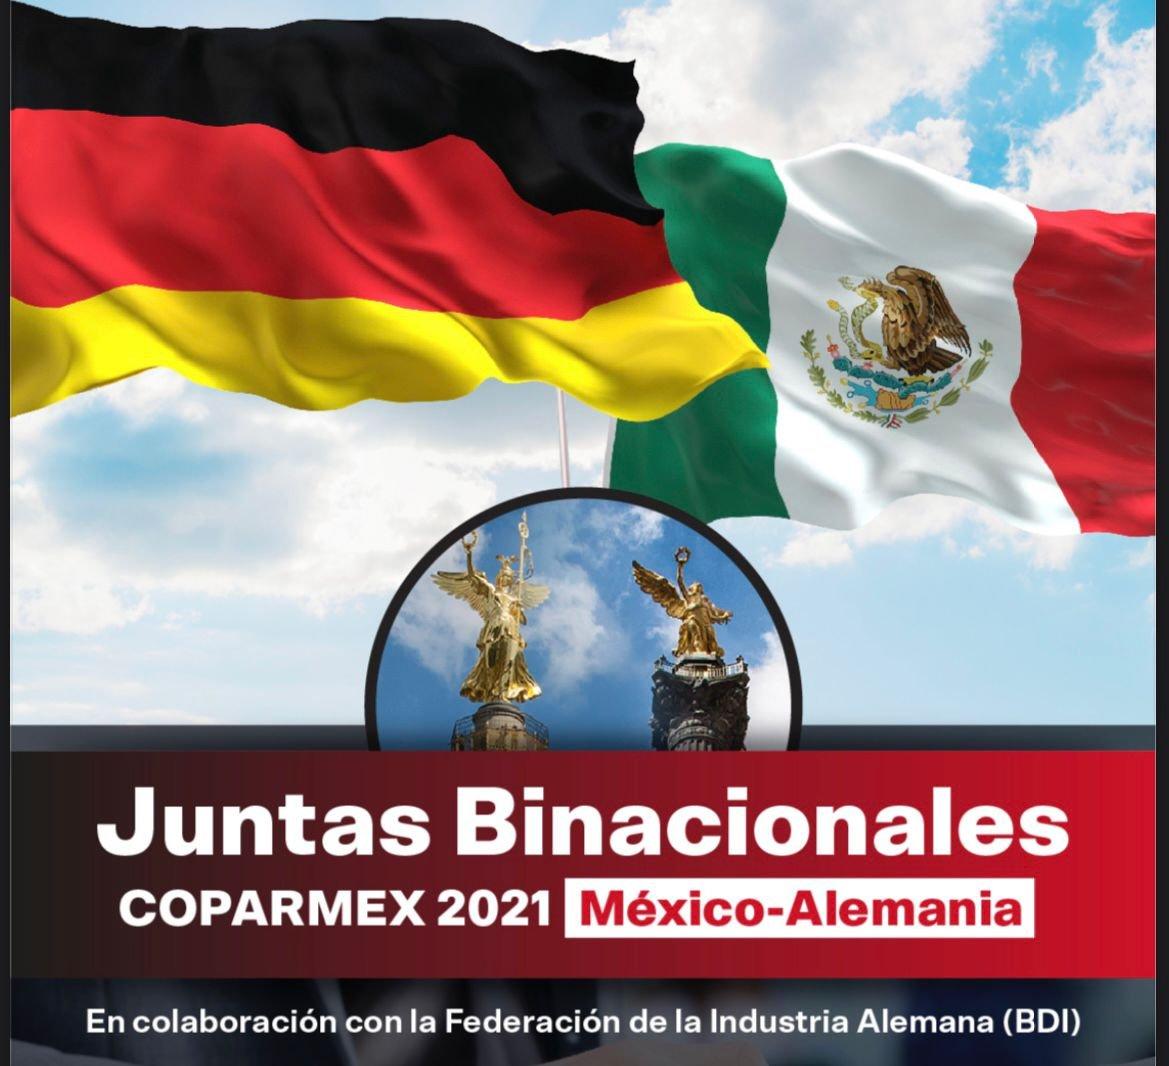 """Coparmex Nacional on Twitter: """"🇲🇽🤝🇩🇪 En la inauguración de nuestras  primeras Juntas Binacionales #Coparmex 2021 Alemania - México, dialogamos  sobre los objetivos de la cooperación junto al embajador Peter Tempel,  nuestro presidente @"""